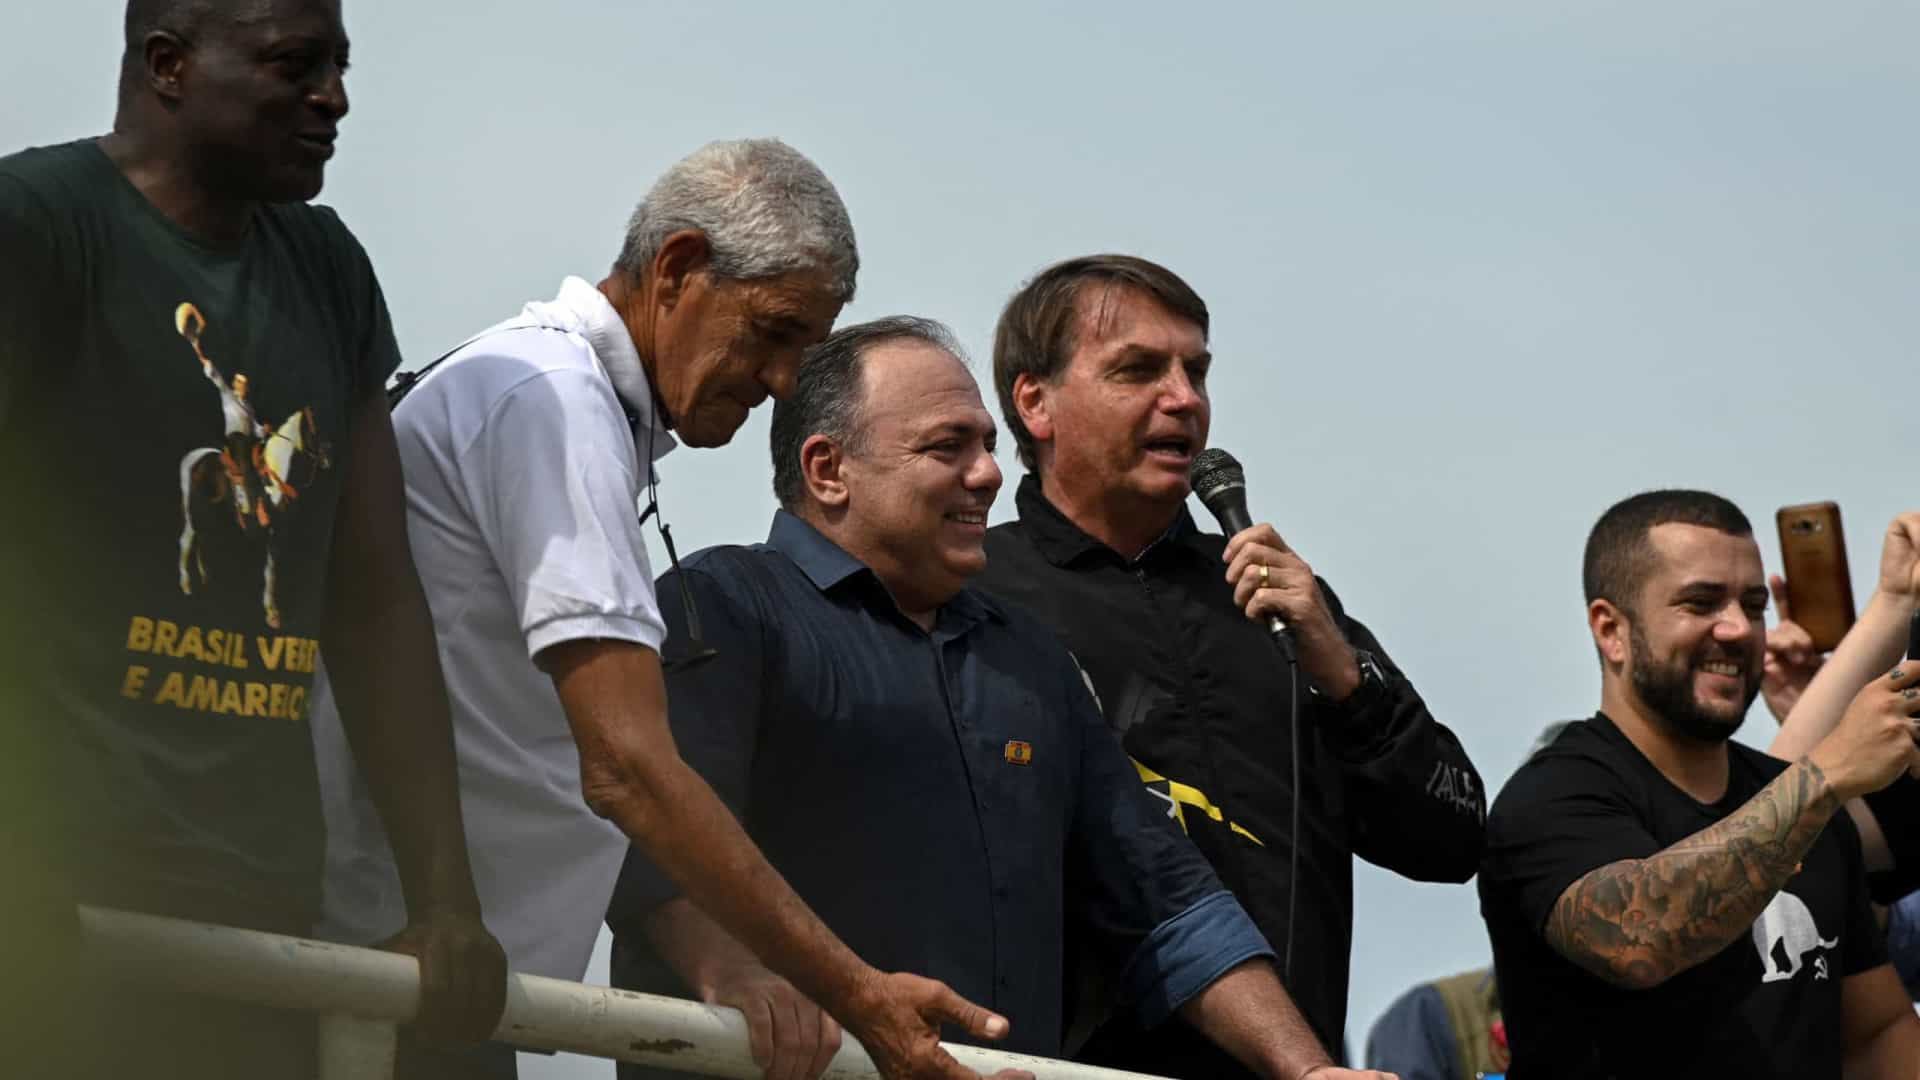 Bolsonaro aglomera milhares de apoiadores e, sem máscara, critica isolamento